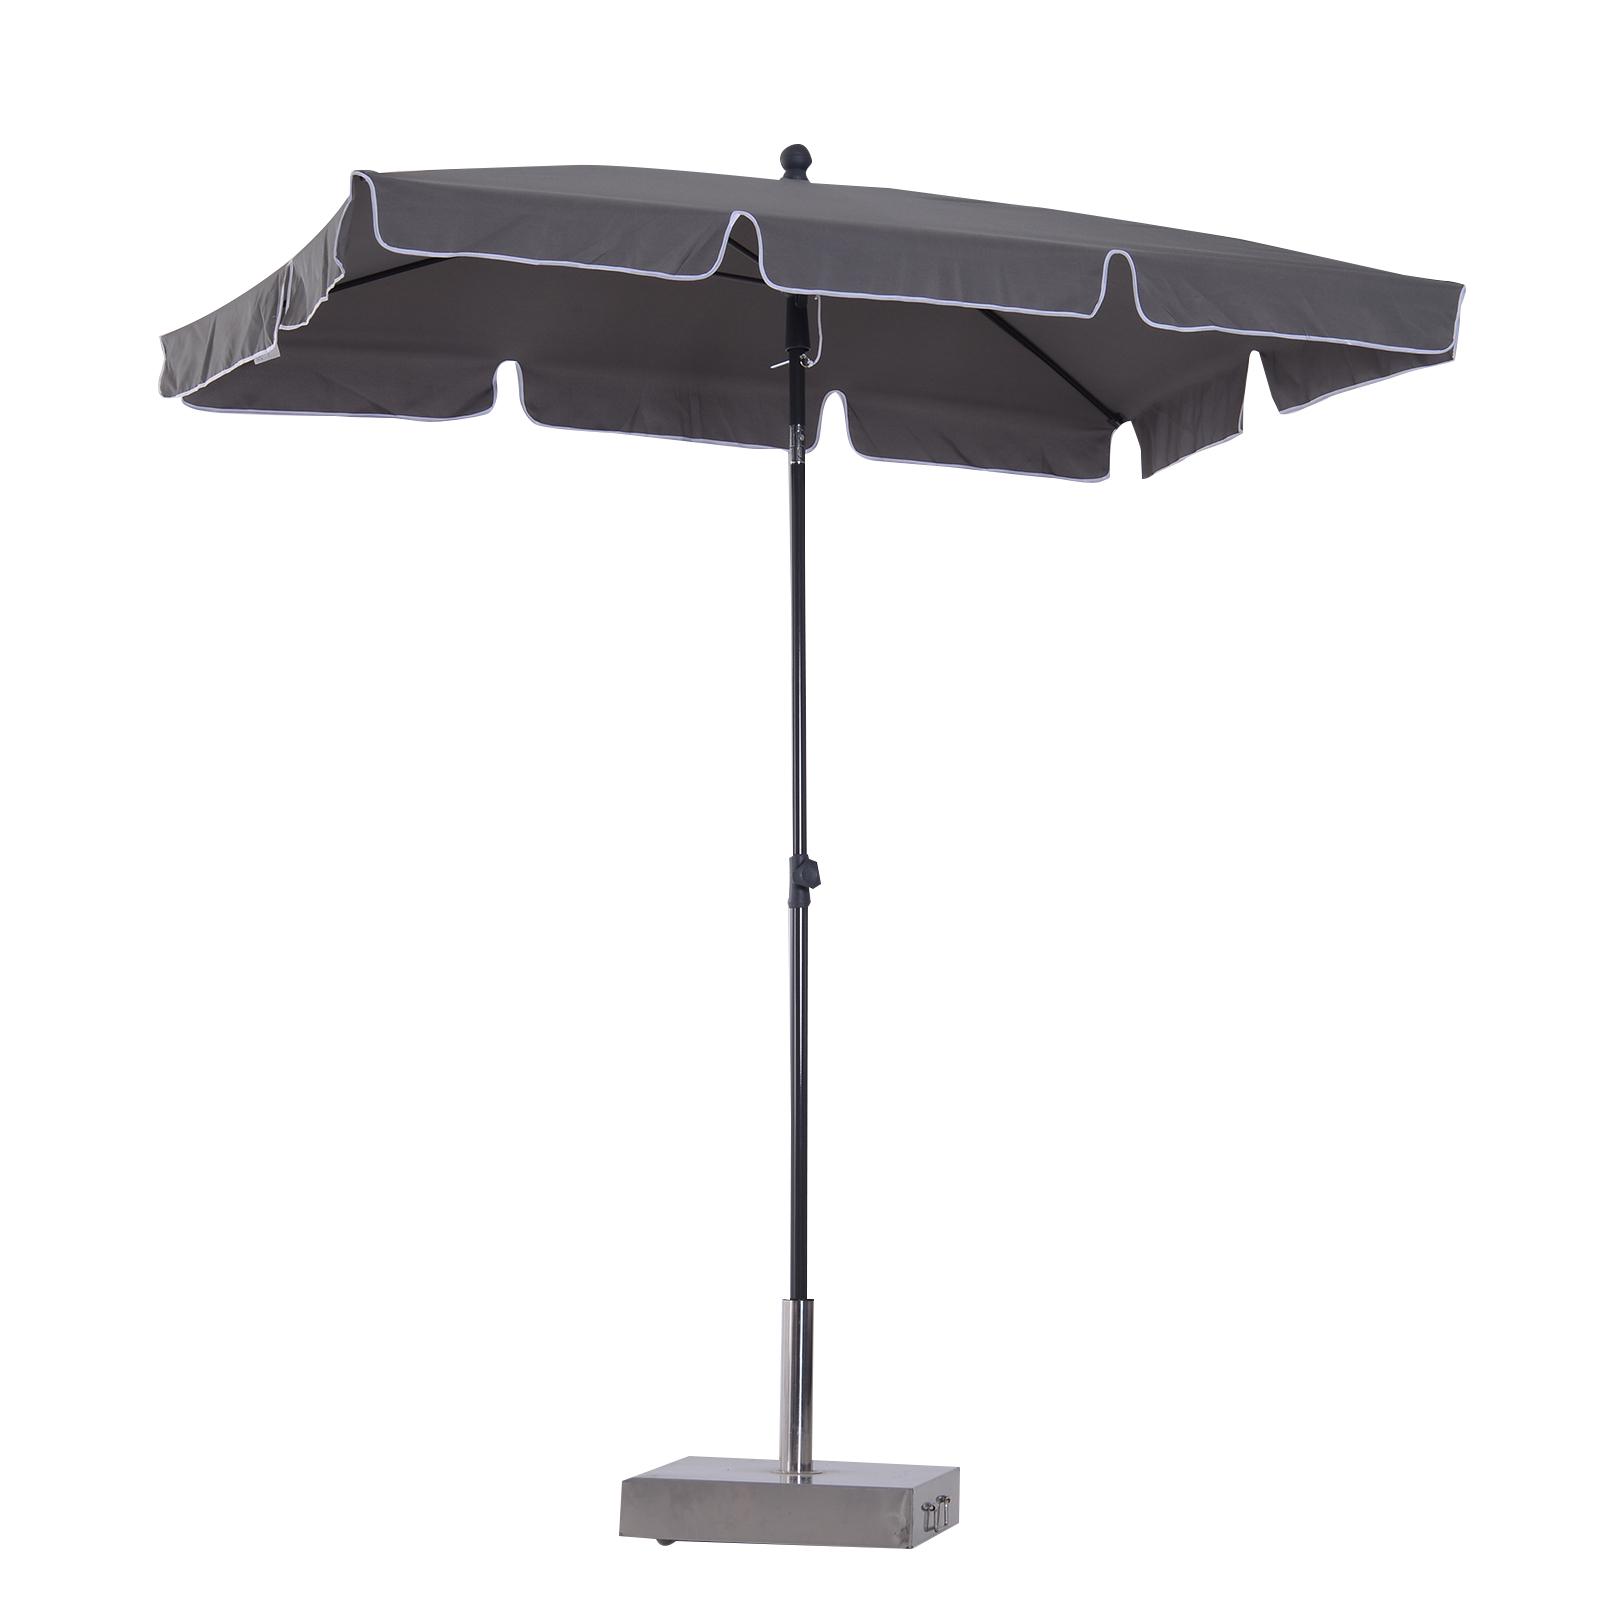 Sombrilla de terraza jard n parasol cuadrado inclinable - Sombrilla de terraza ...